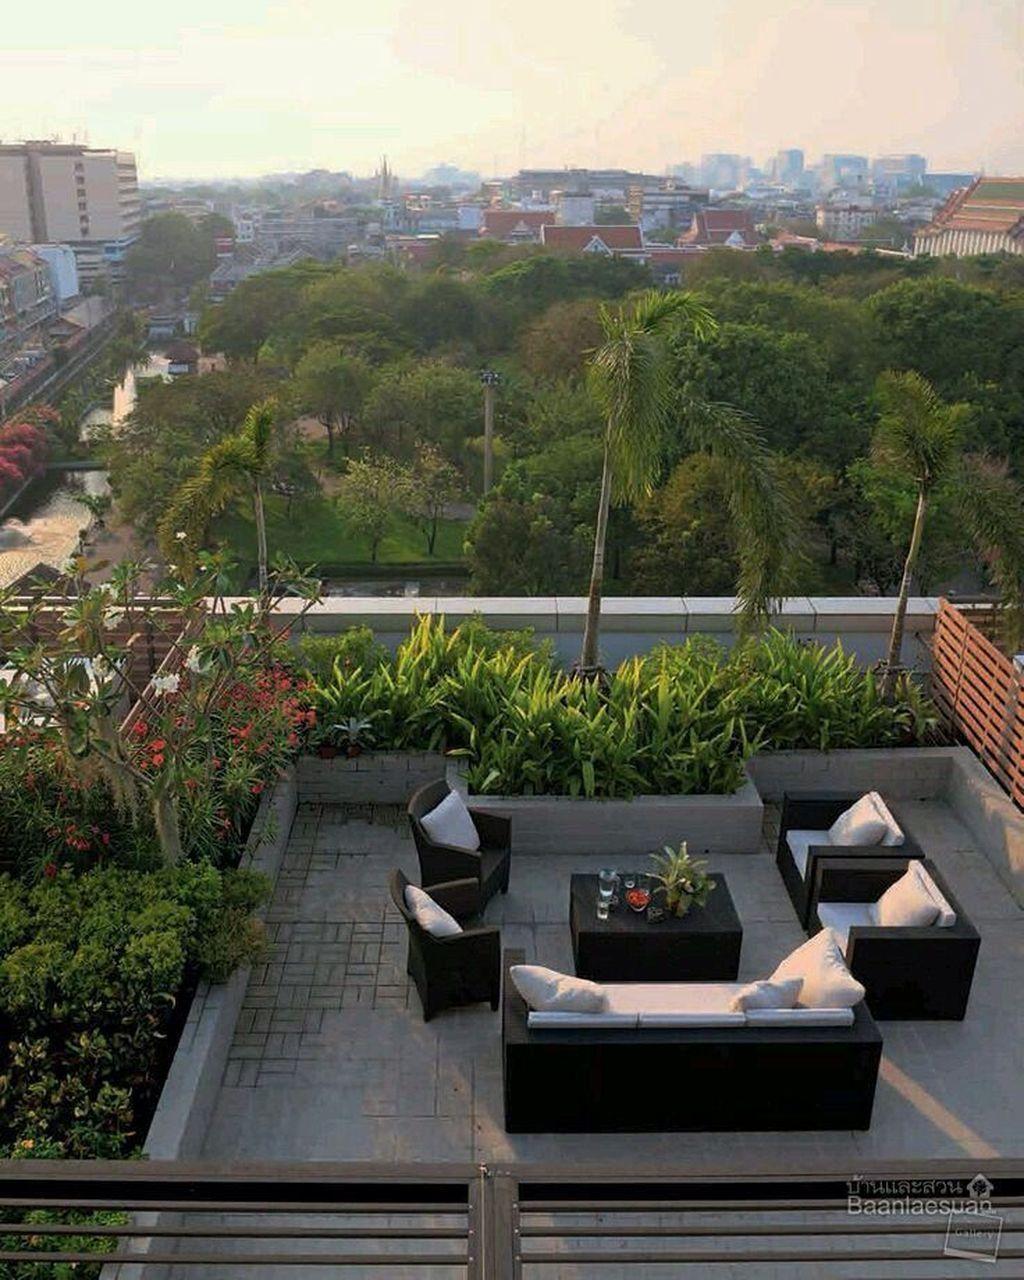 34 Nice Rooftop Terrace Design Ideas #rooftopterrace 34 Nice Rooftop Terrace Des…,  #des #D…